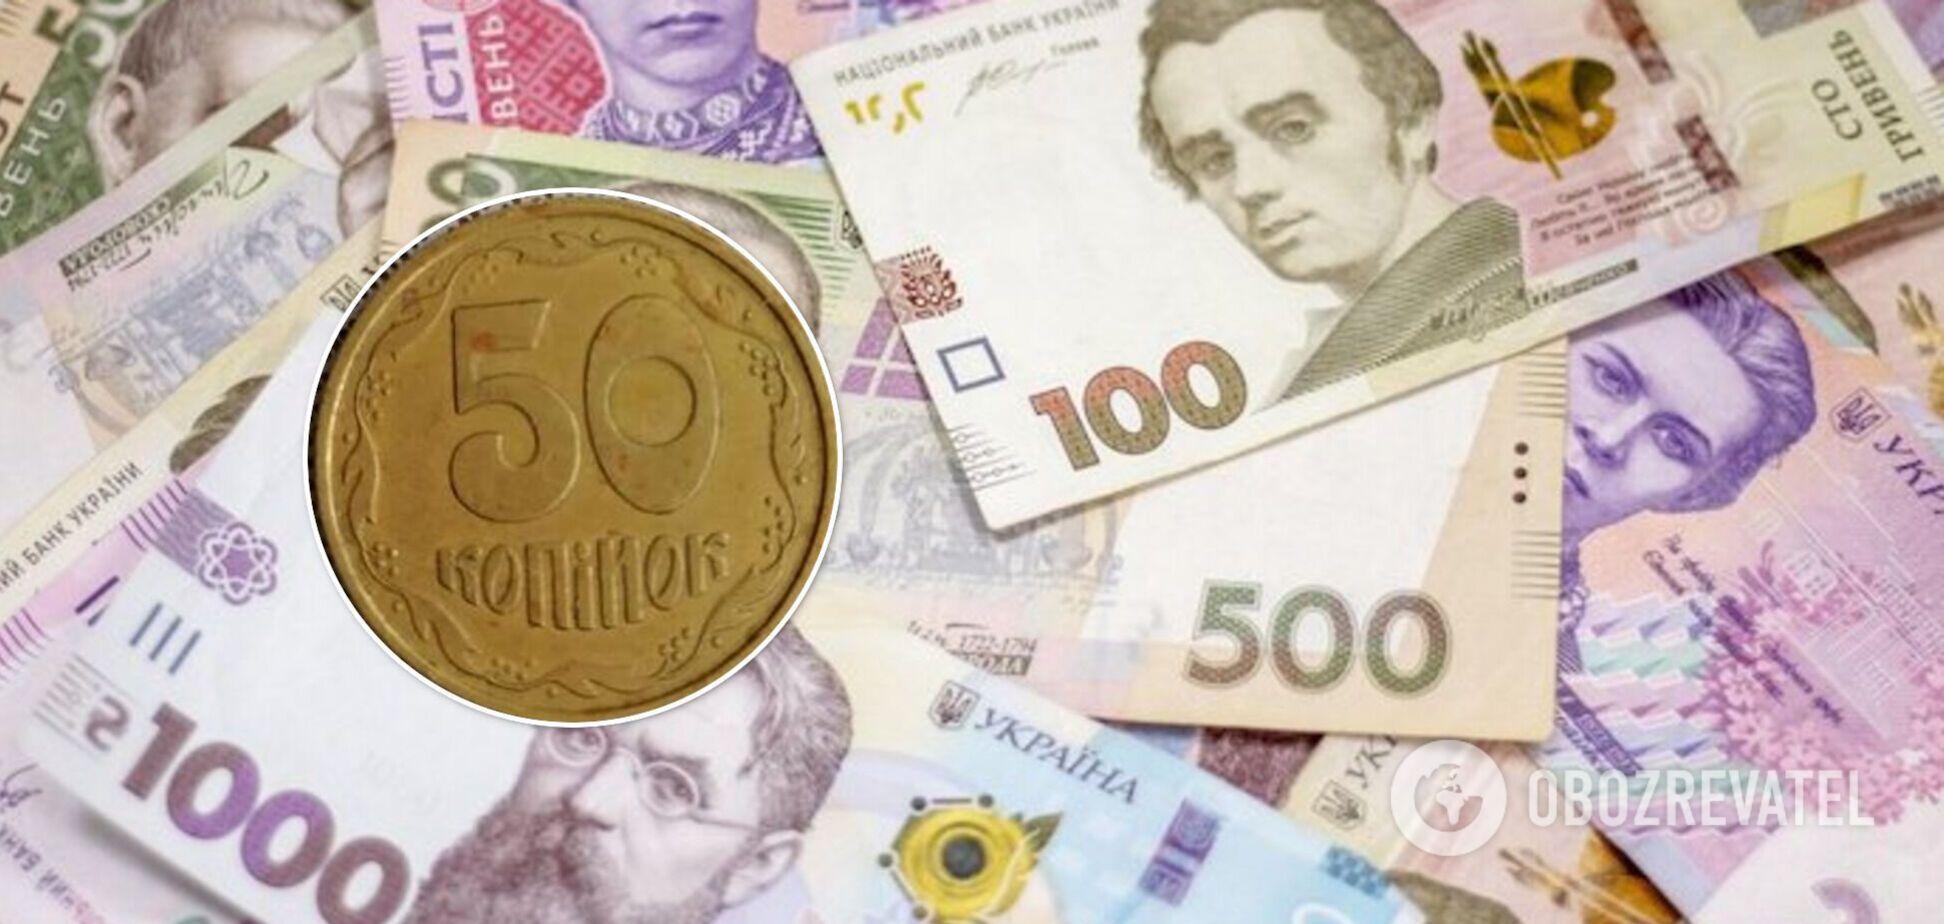 Скільки коштує цінна монета в 50 копійок в Україні